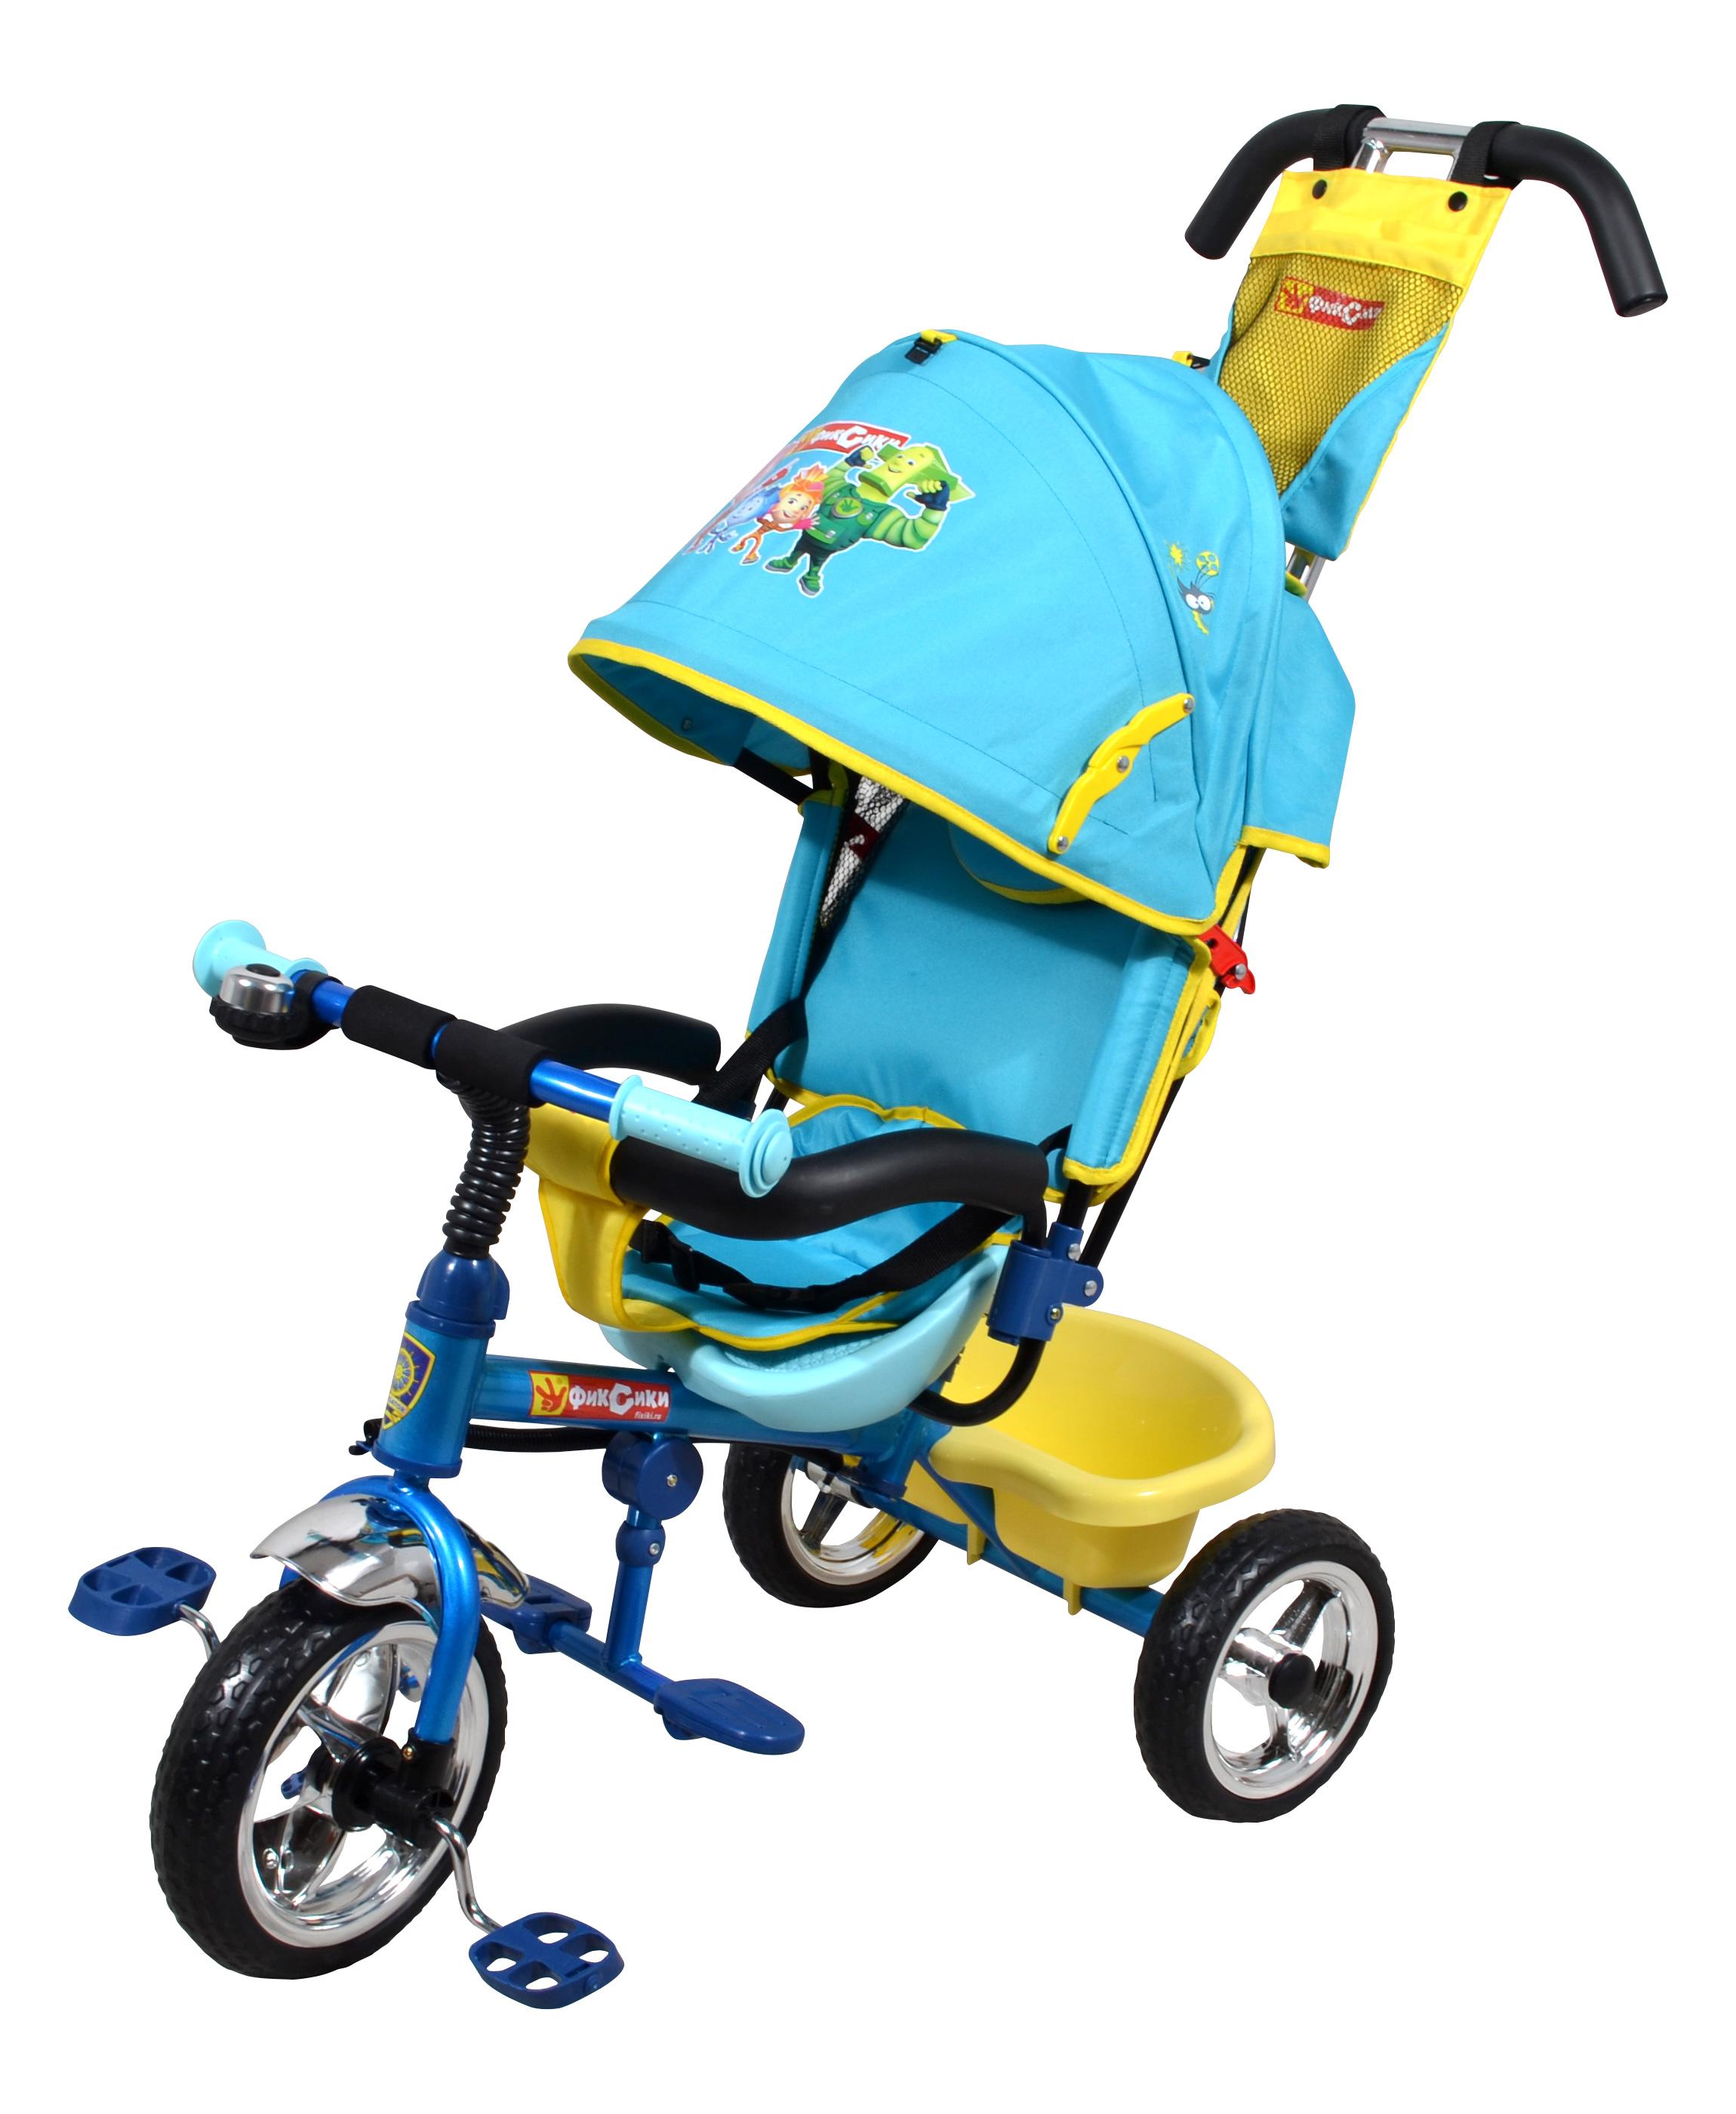 Navigator Трехколесный велосипед Lexus ФиксикиТ58462Популярная модель детского трехколесного велосипеда с ярким дизайном и популярной лицензией Фиксики. Велосипед снабжен ручкой управления для родителей.